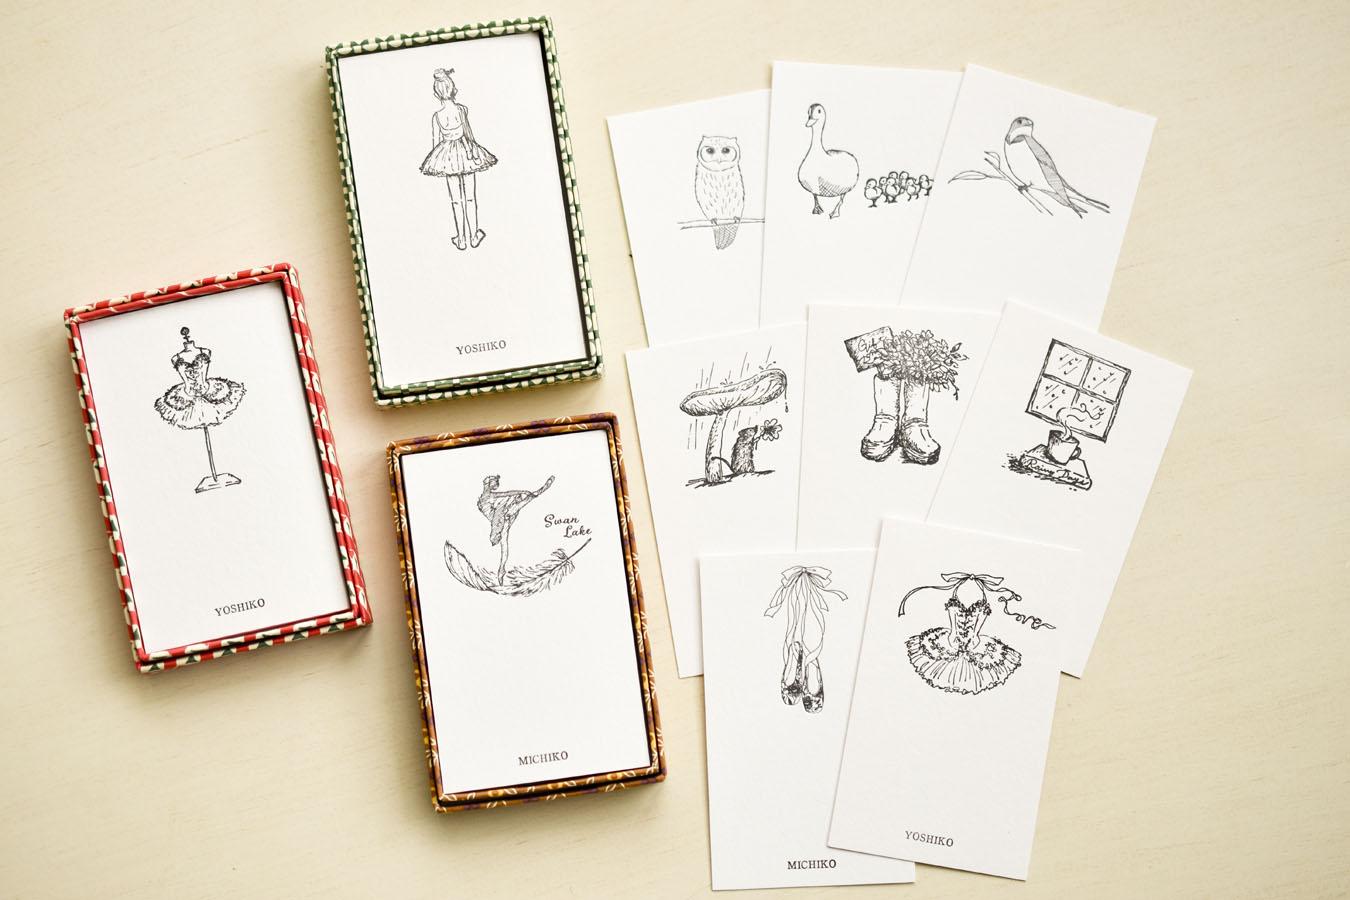 名古屋 活版印刷ワークショップ オリジナルメッセージカード2